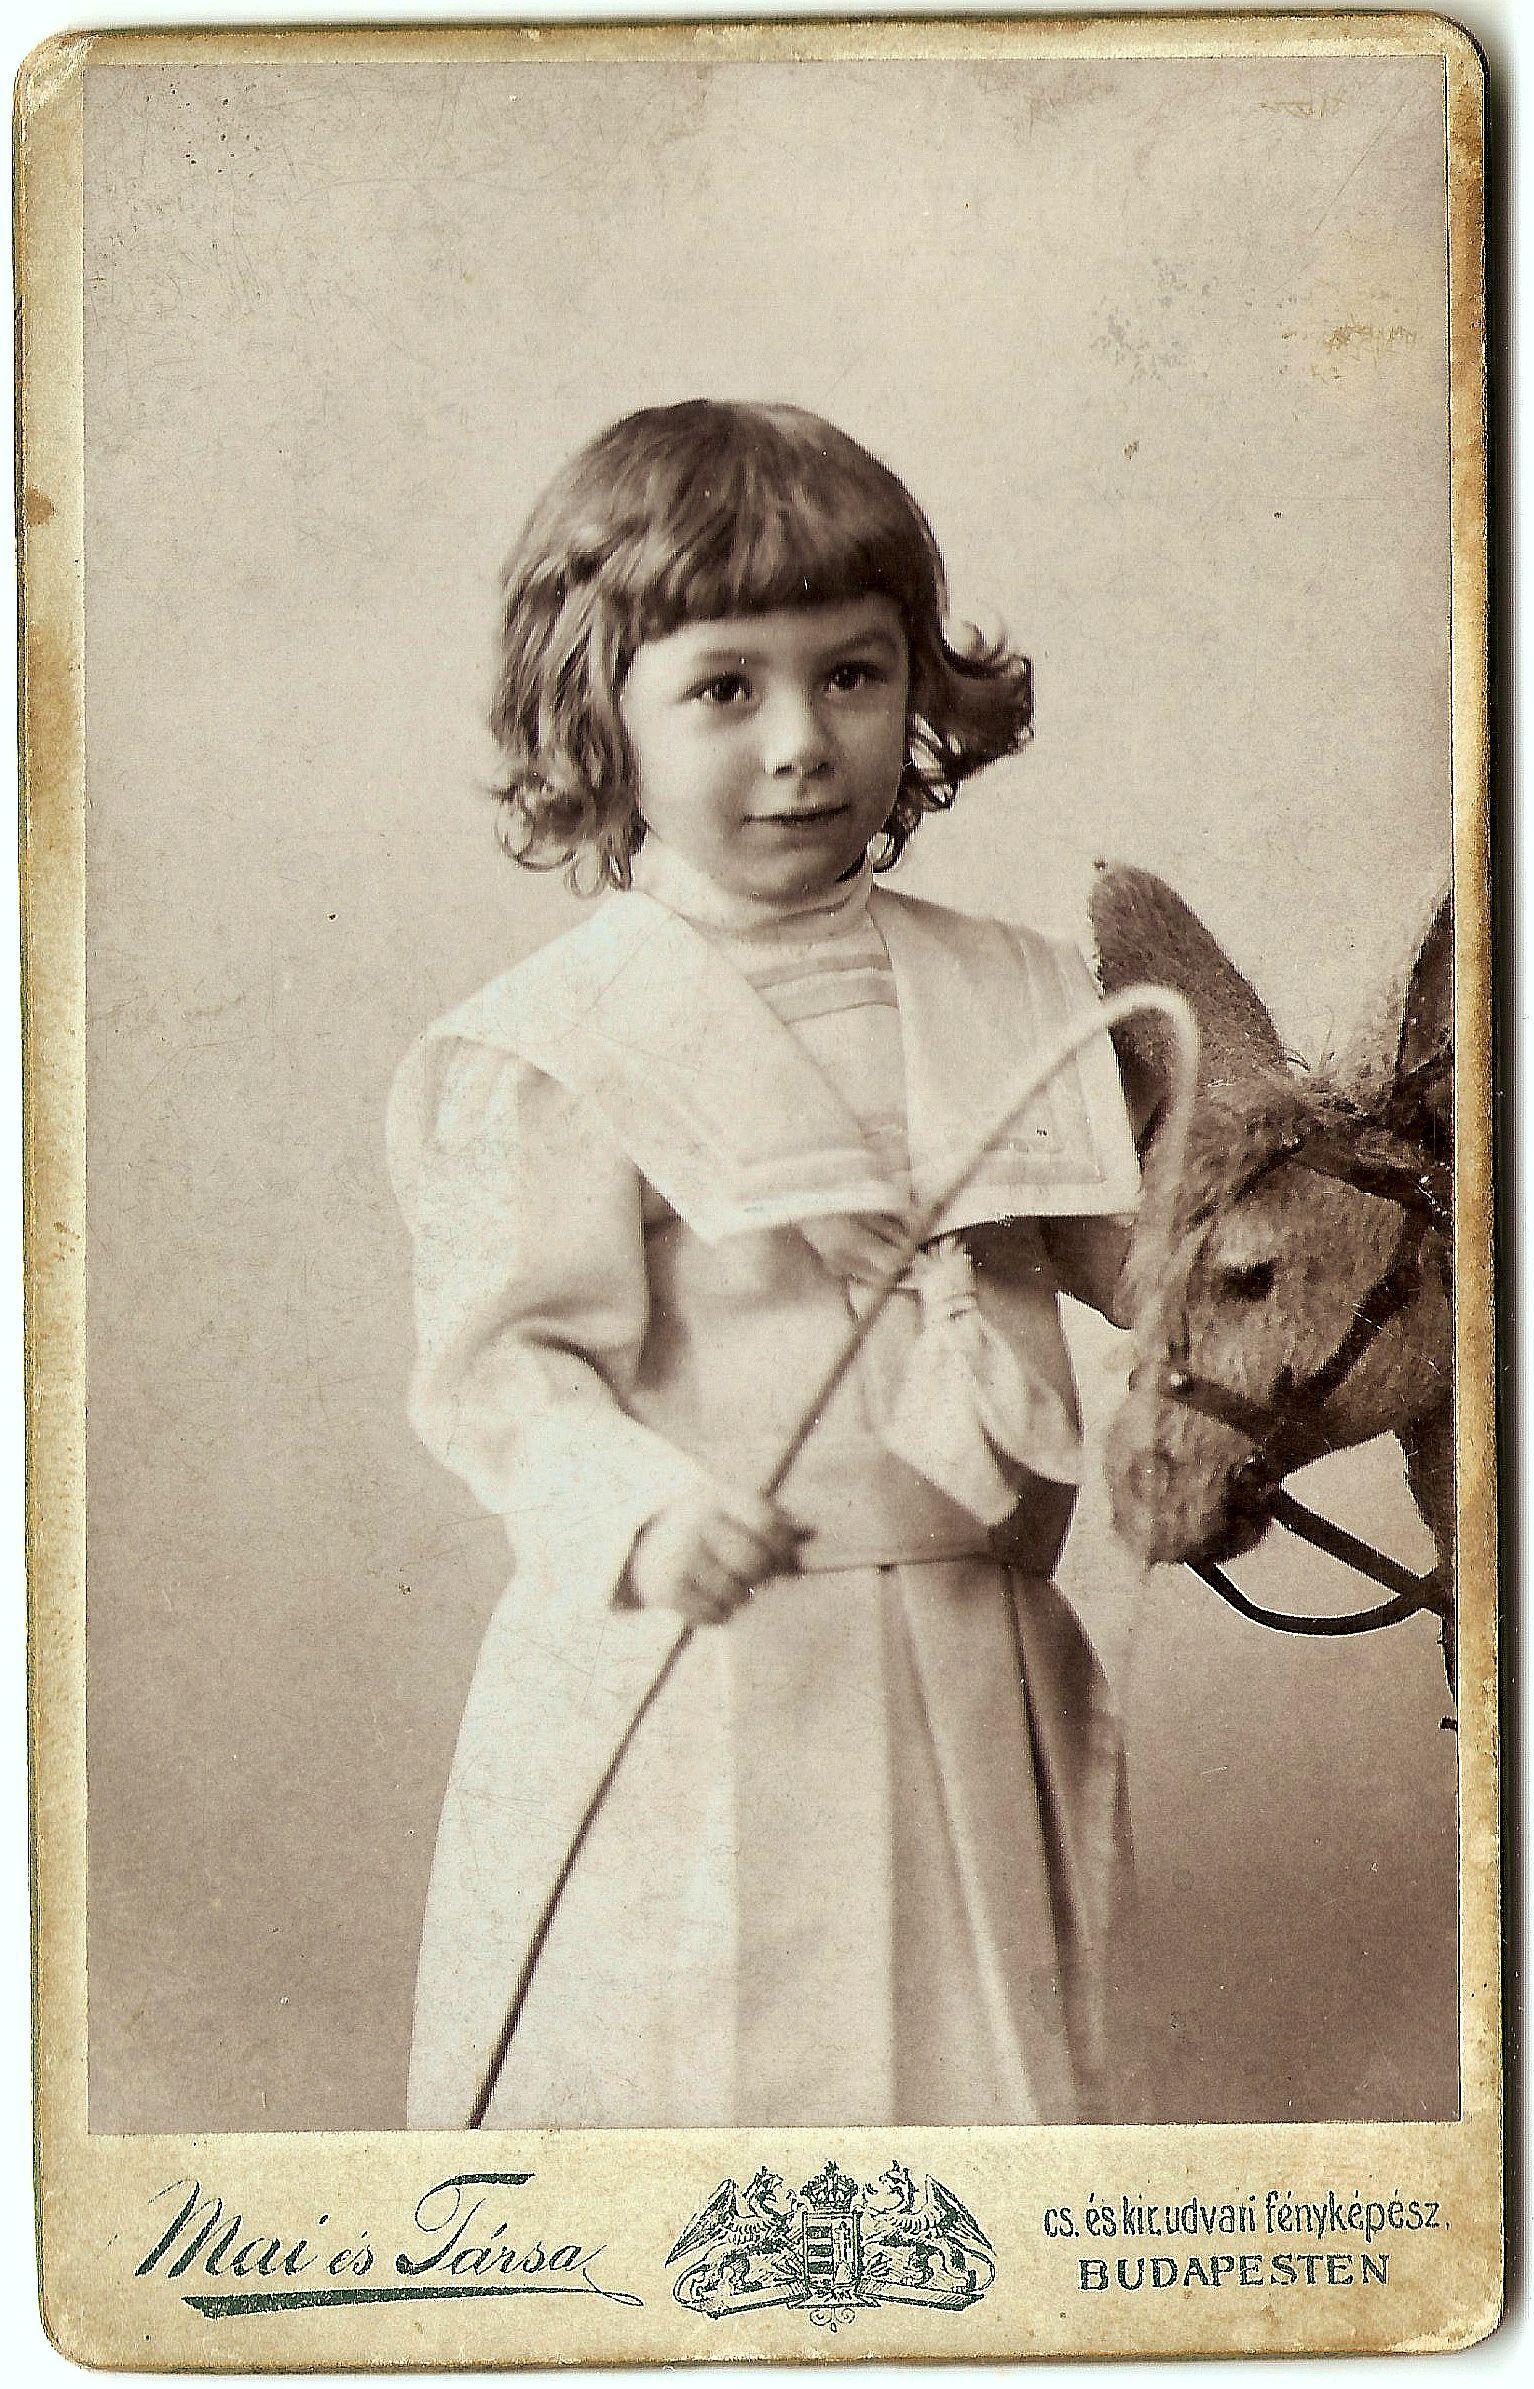 gyerek_mszamarral_1903_k_celloidin_vizitk_kk.jpg